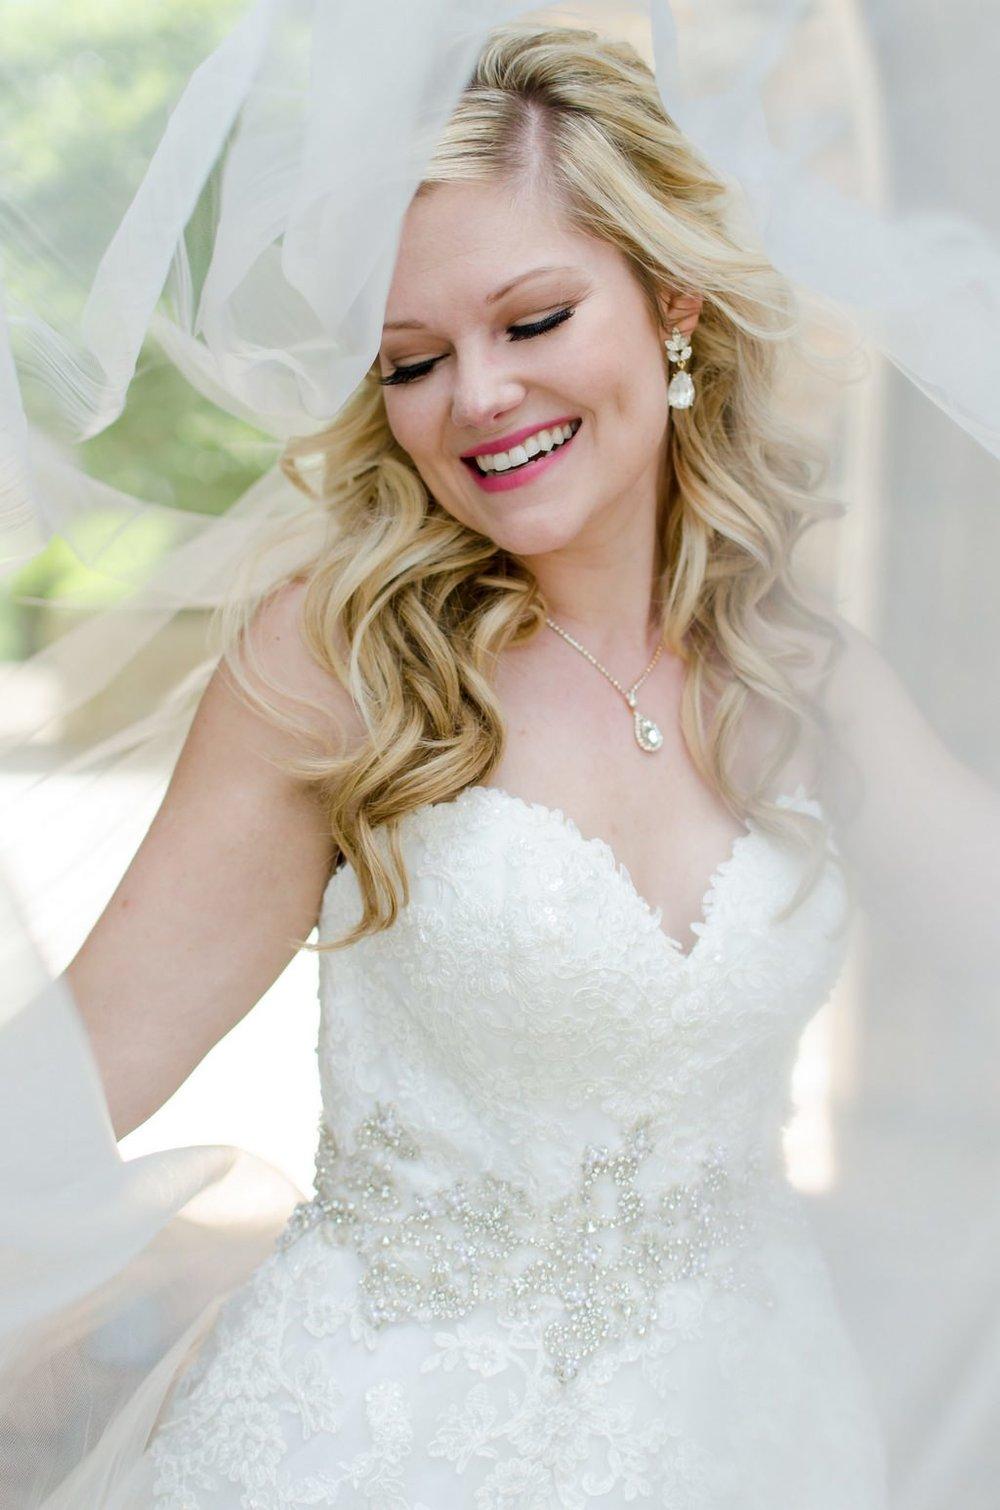 Scarritt-Bennett-Nashville-Bridal-Session-Wedding-Photographer+11